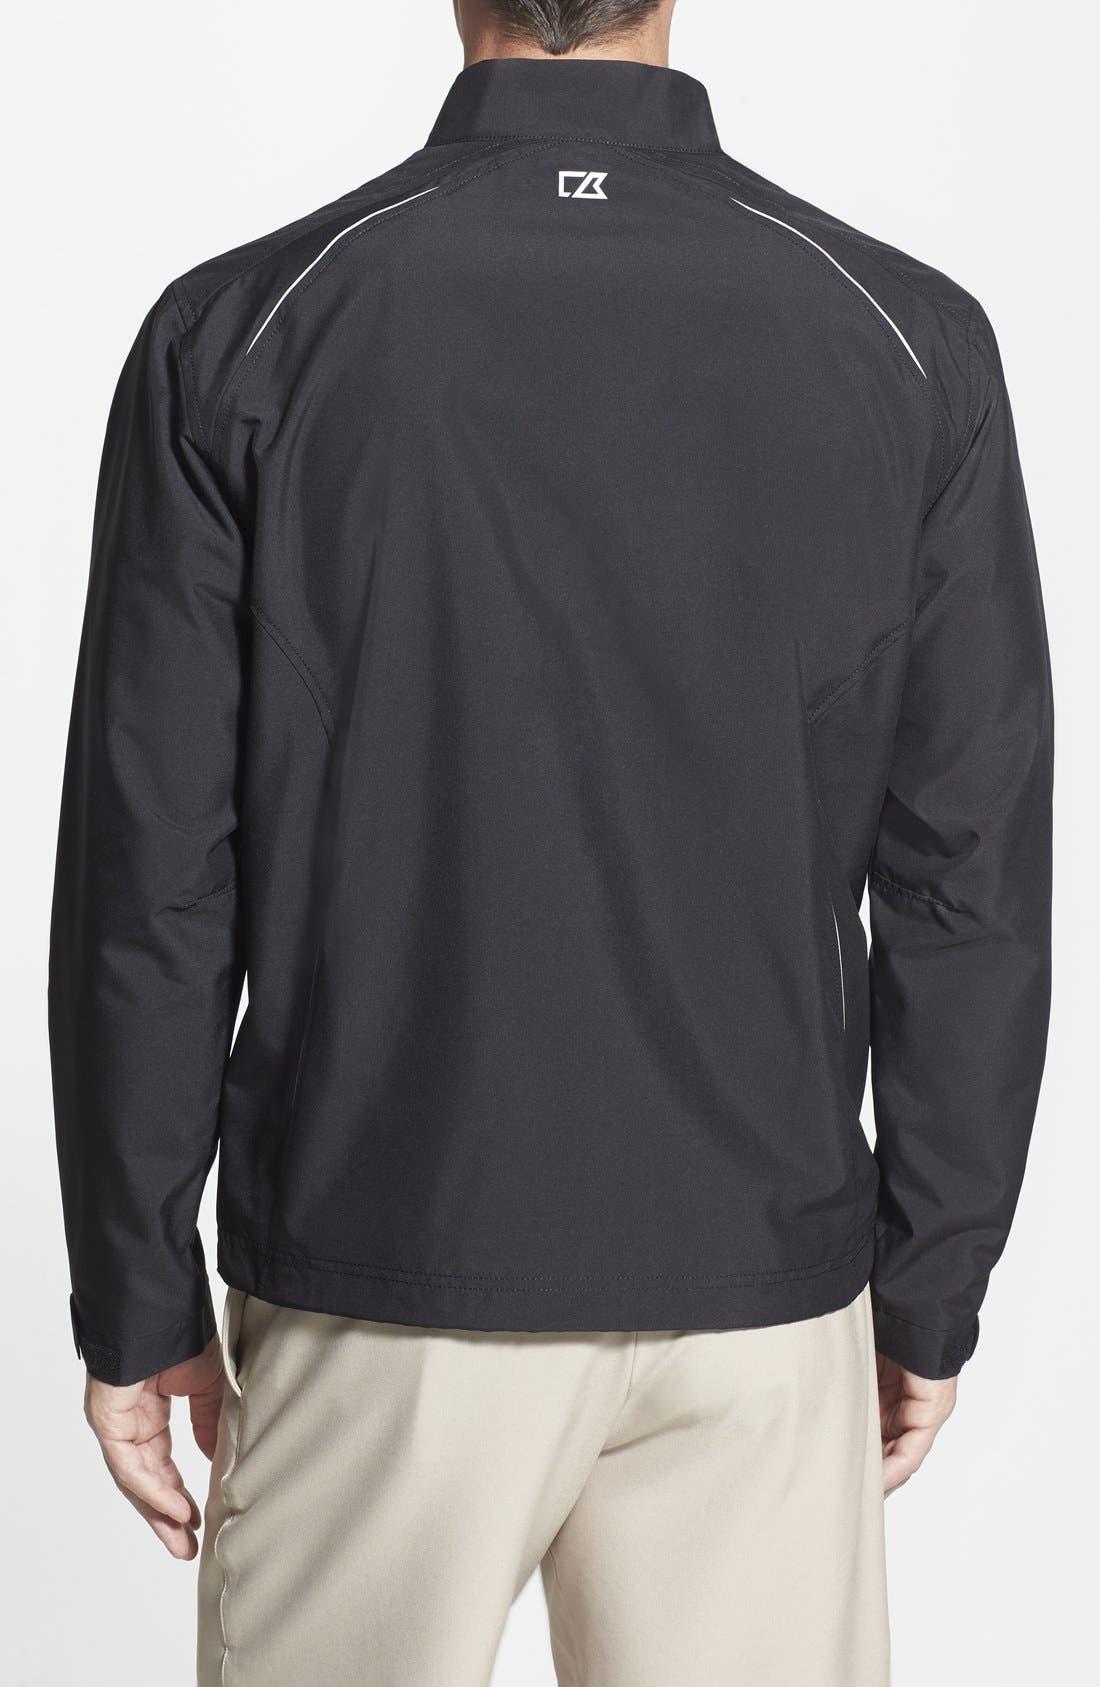 Detroit Lions - Beacon WeatherTec Wind & Water Resistant Jacket,                             Alternate thumbnail 2, color,                             Black